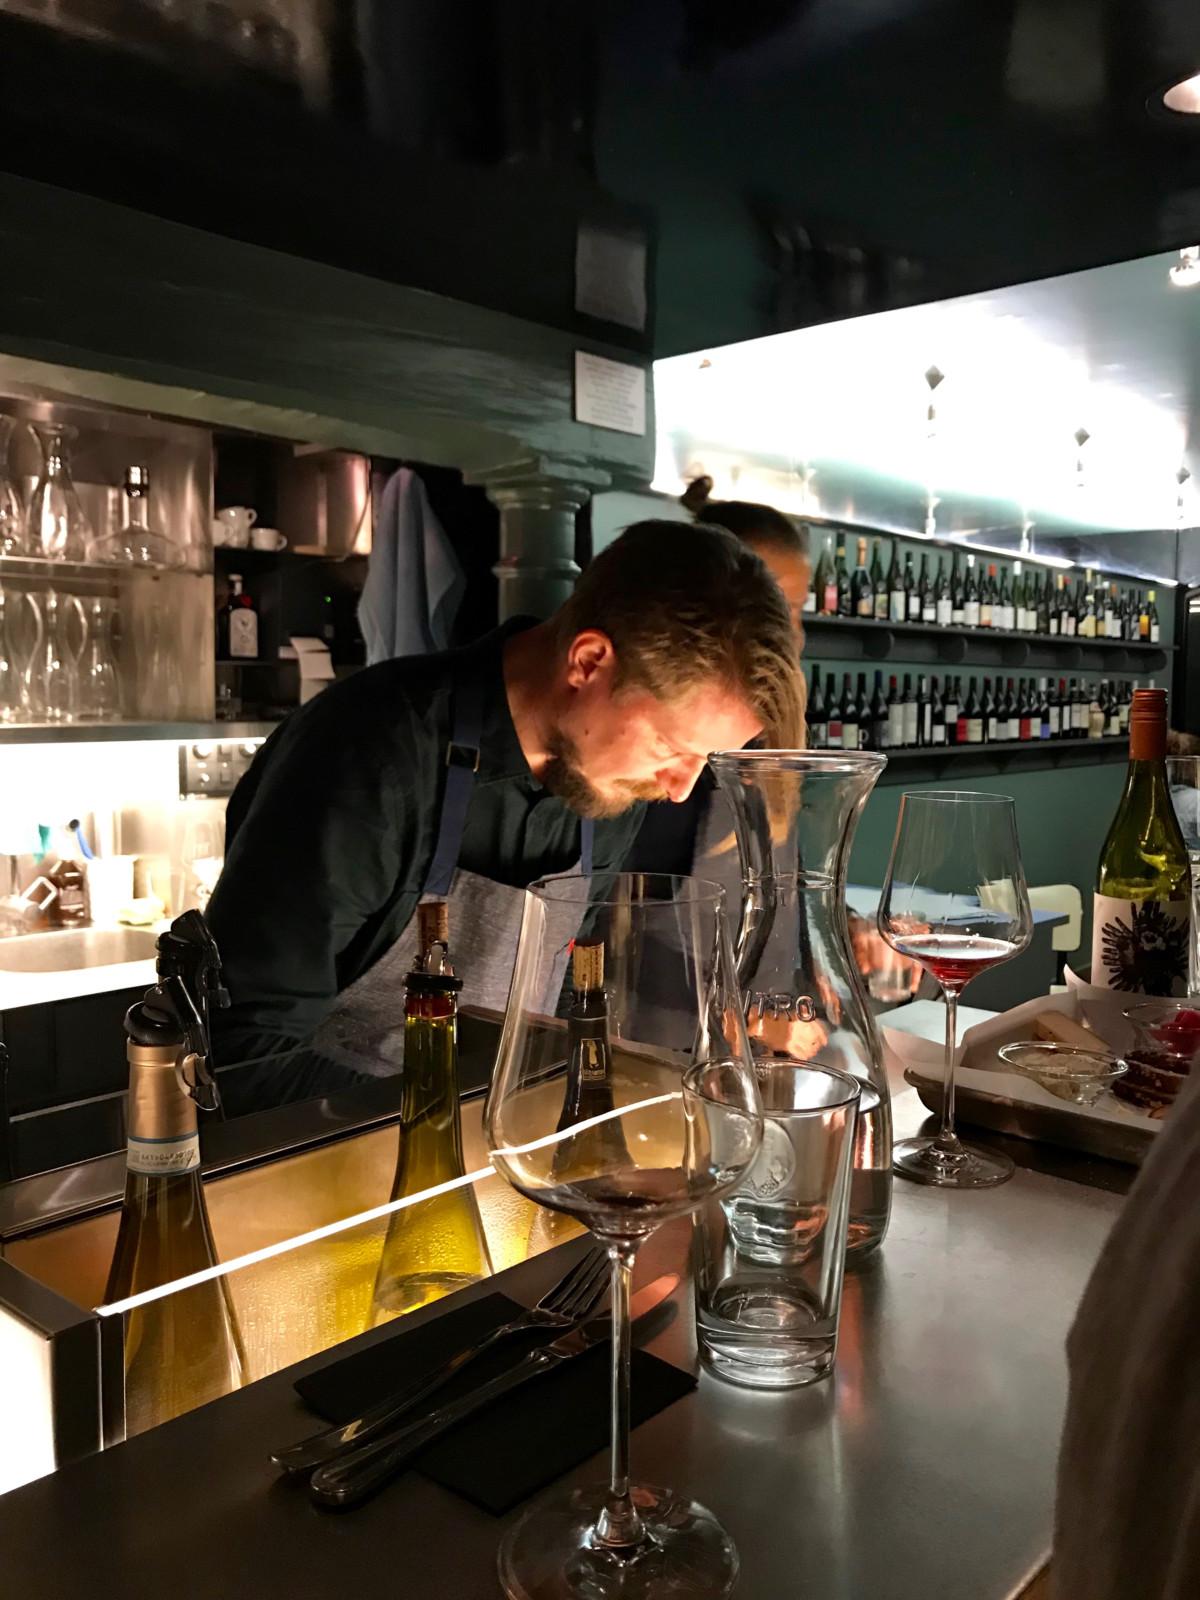 Wein-Punkt an der Stadthausstrasse. Hier wird werden Weininteressierte bestens bedient.